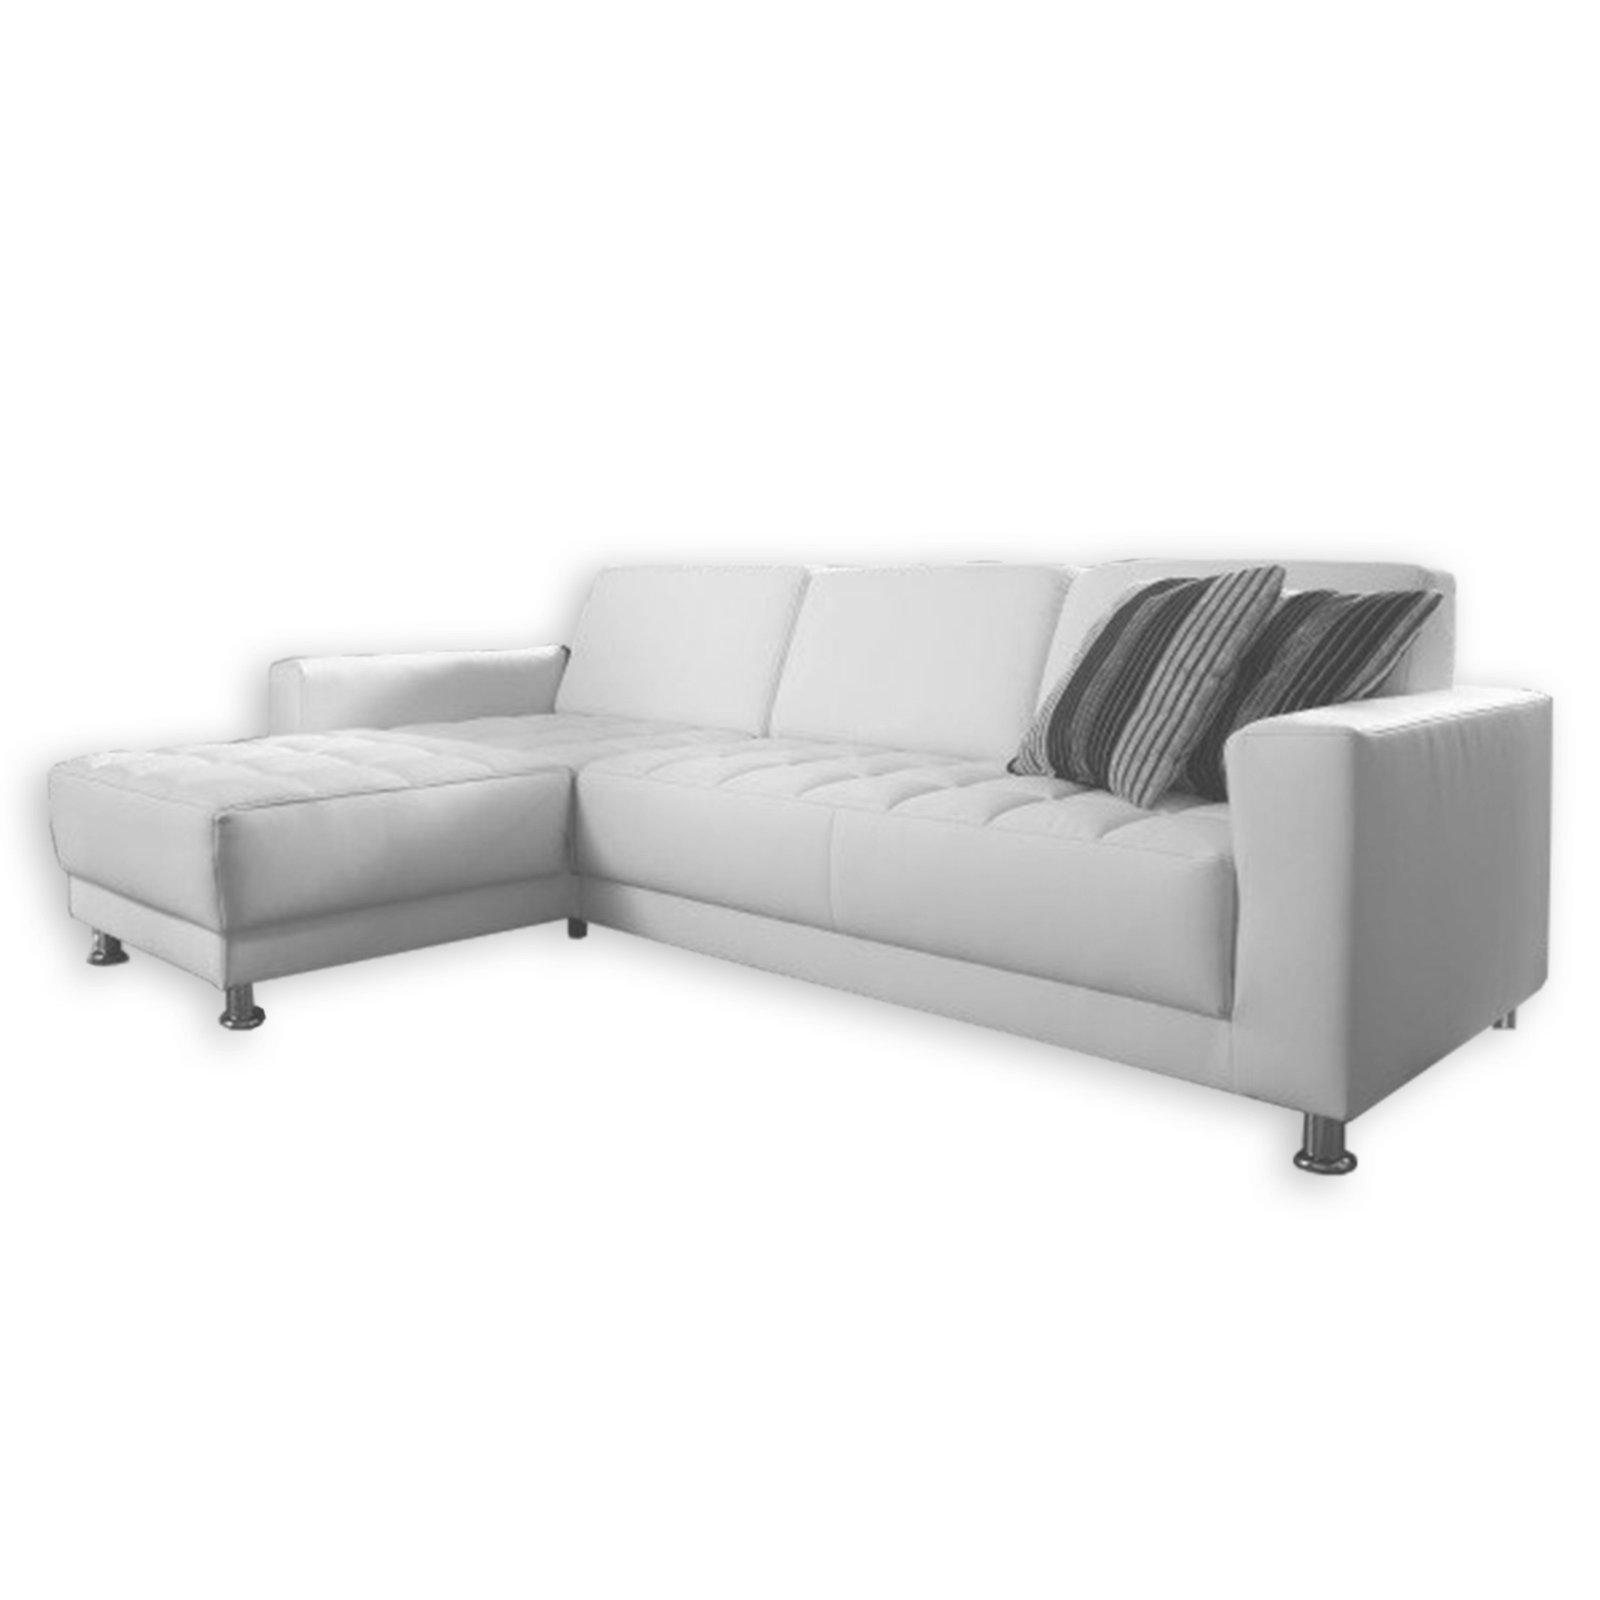 polsterecke wei kunstleder recamiere links. Black Bedroom Furniture Sets. Home Design Ideas